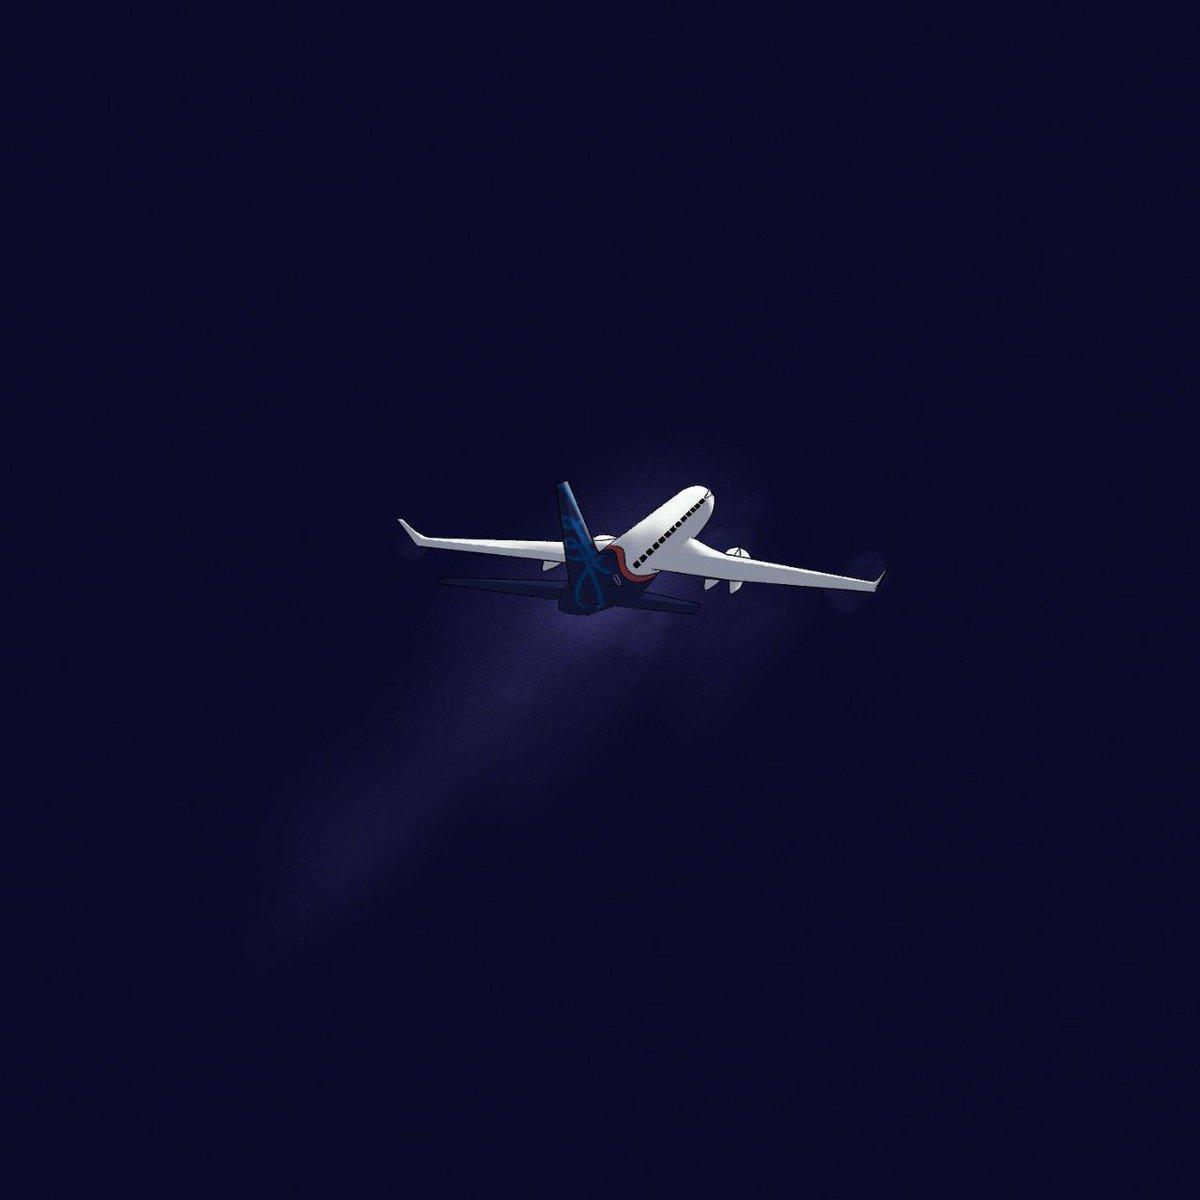 Saya memantau pencarian penumpang dan badan pesawat Sriwijaya Air SJ-182 yang hilang kontak sesaat setelah kemarin meninggalkan Bandara Soekarno Hatta.  Doa dan simpati saya bersama segenap keluarga dan kerabat penumpang dan awak pesawat, semoga diberiNya kesabaran dan kekuatan.